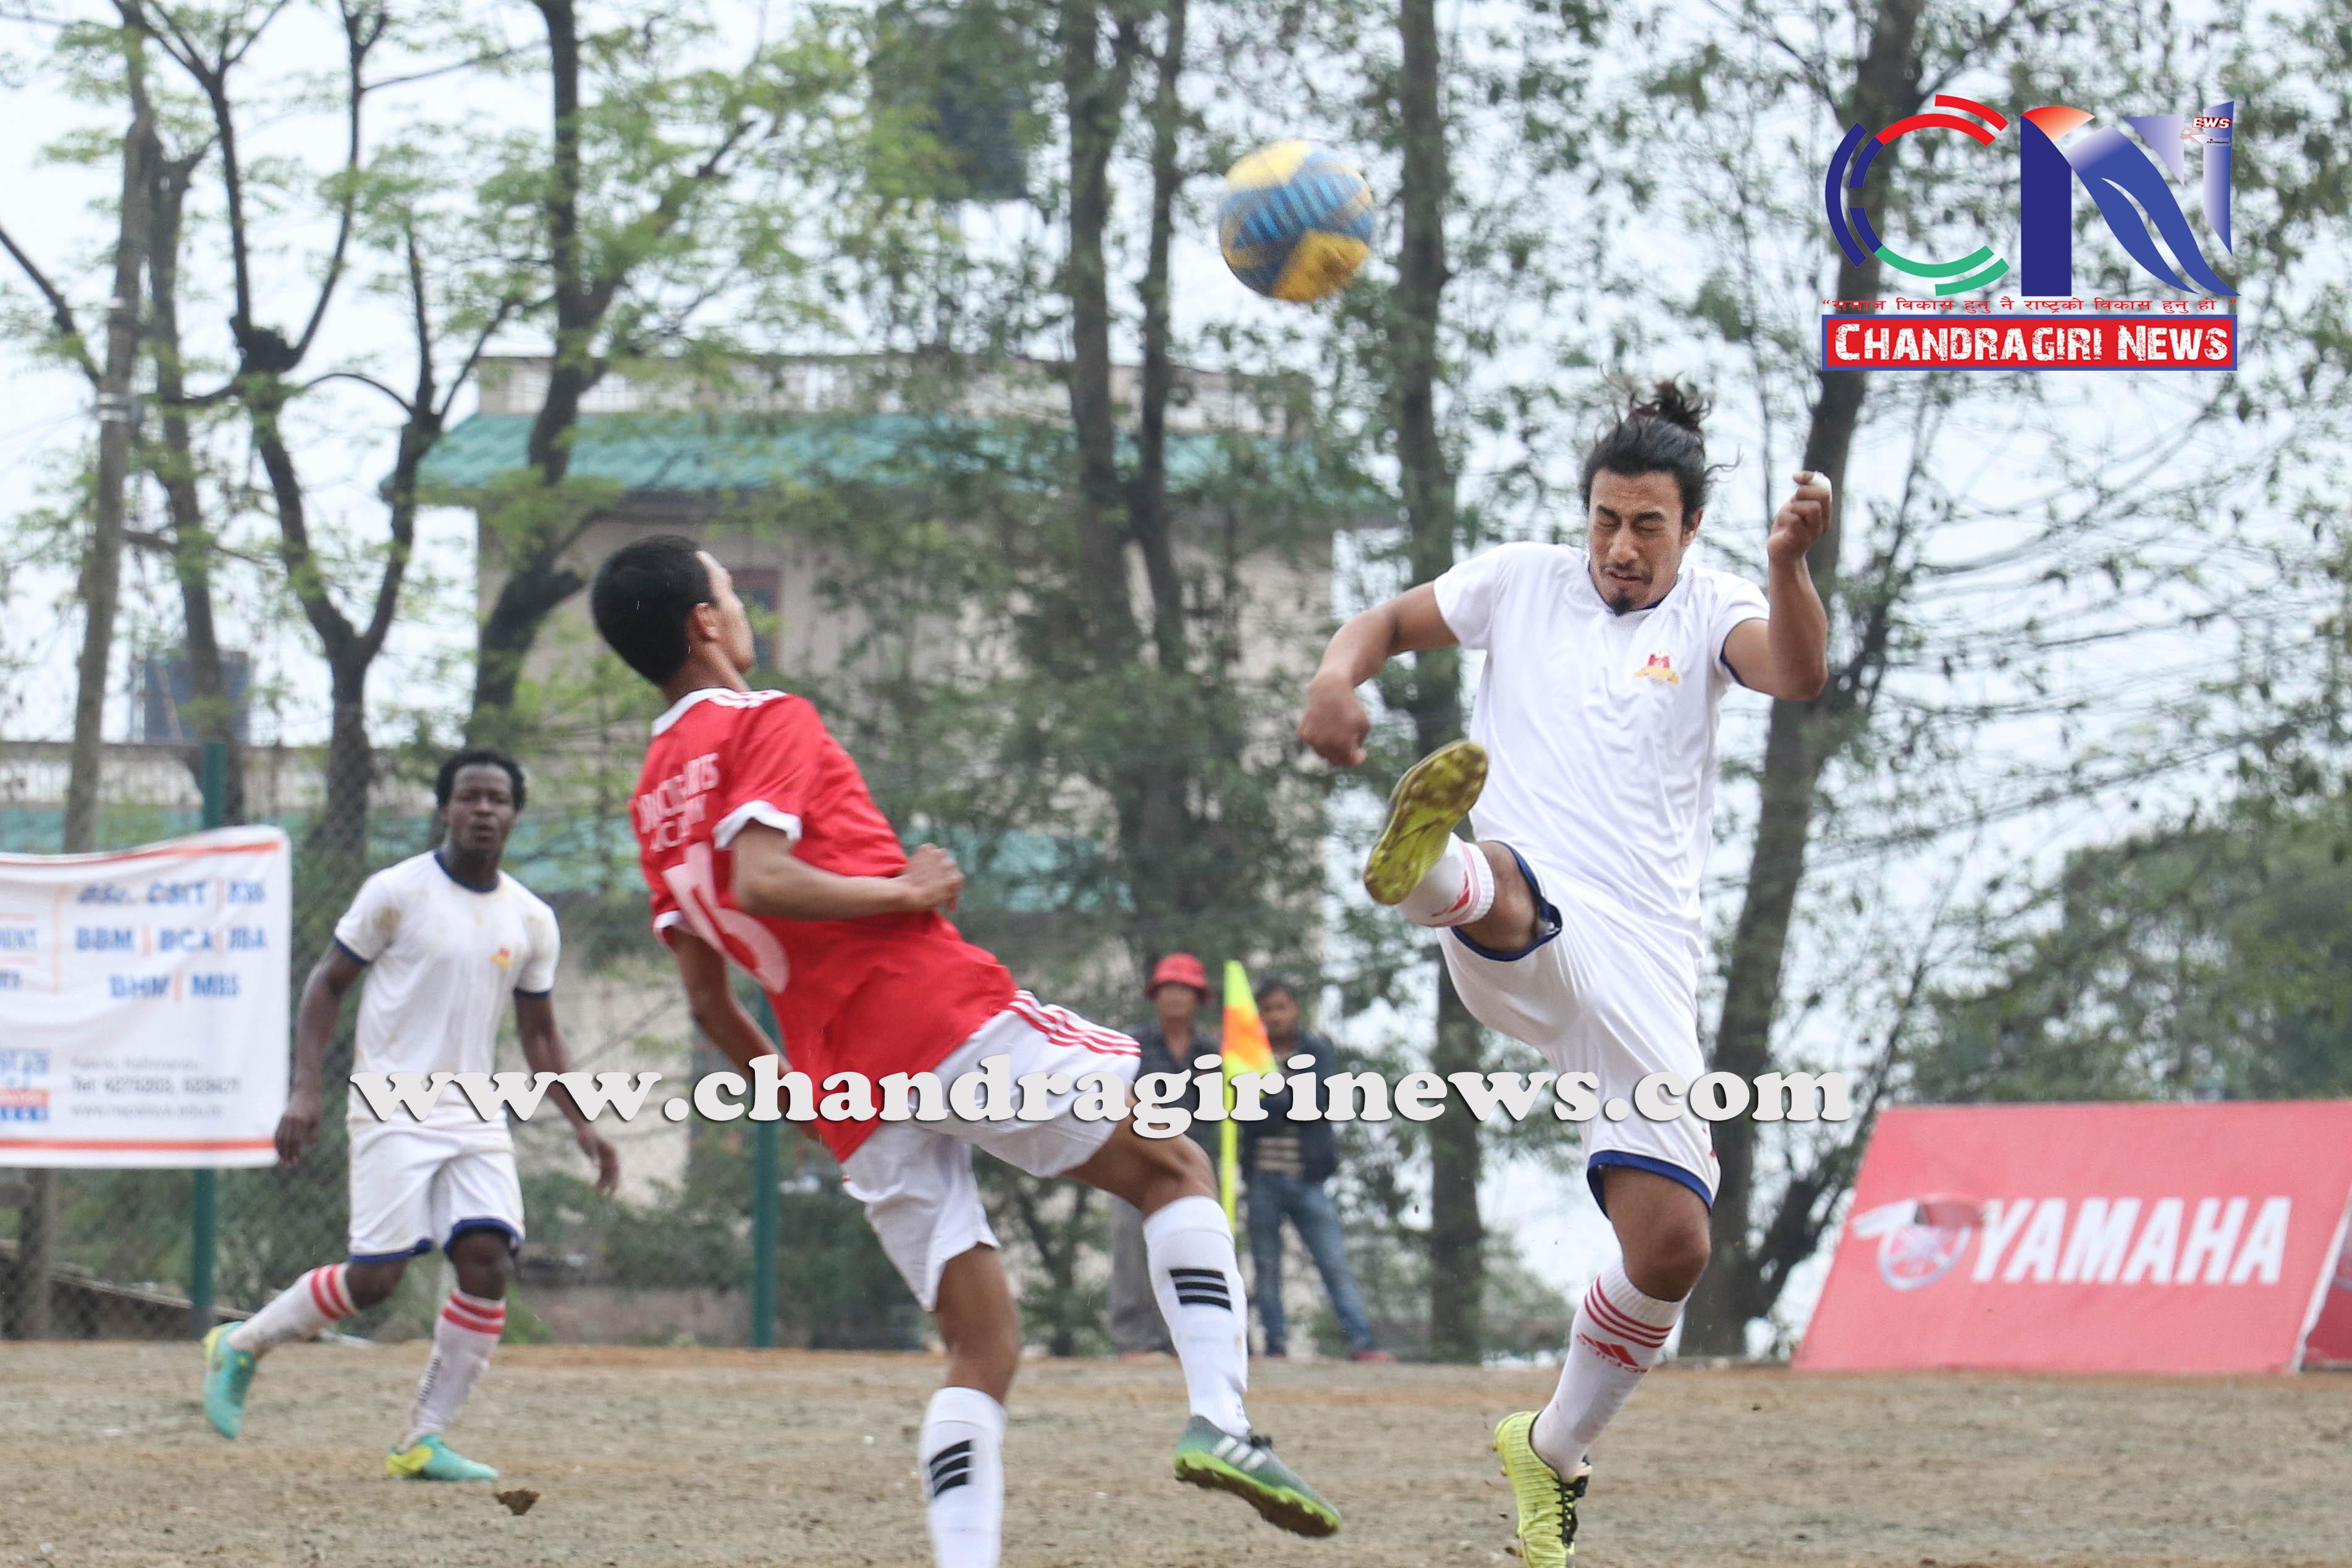 Chandragirinews western-united-3rd-game-11 चाैठाै नेपाललय वईस्टन युनाईटेड क्लवकप फुटबल प्रतियाेगितामा ब्लु बेल फुटबल क्लब र वराकल रे स्पोर्ट्स एकेडेमीको विजयी सुरुवात खेलकुद नगरपालिका ब्रेकिंग न्युज मातातिर्थ मुख्य राष्ट्रिय    chandragiri